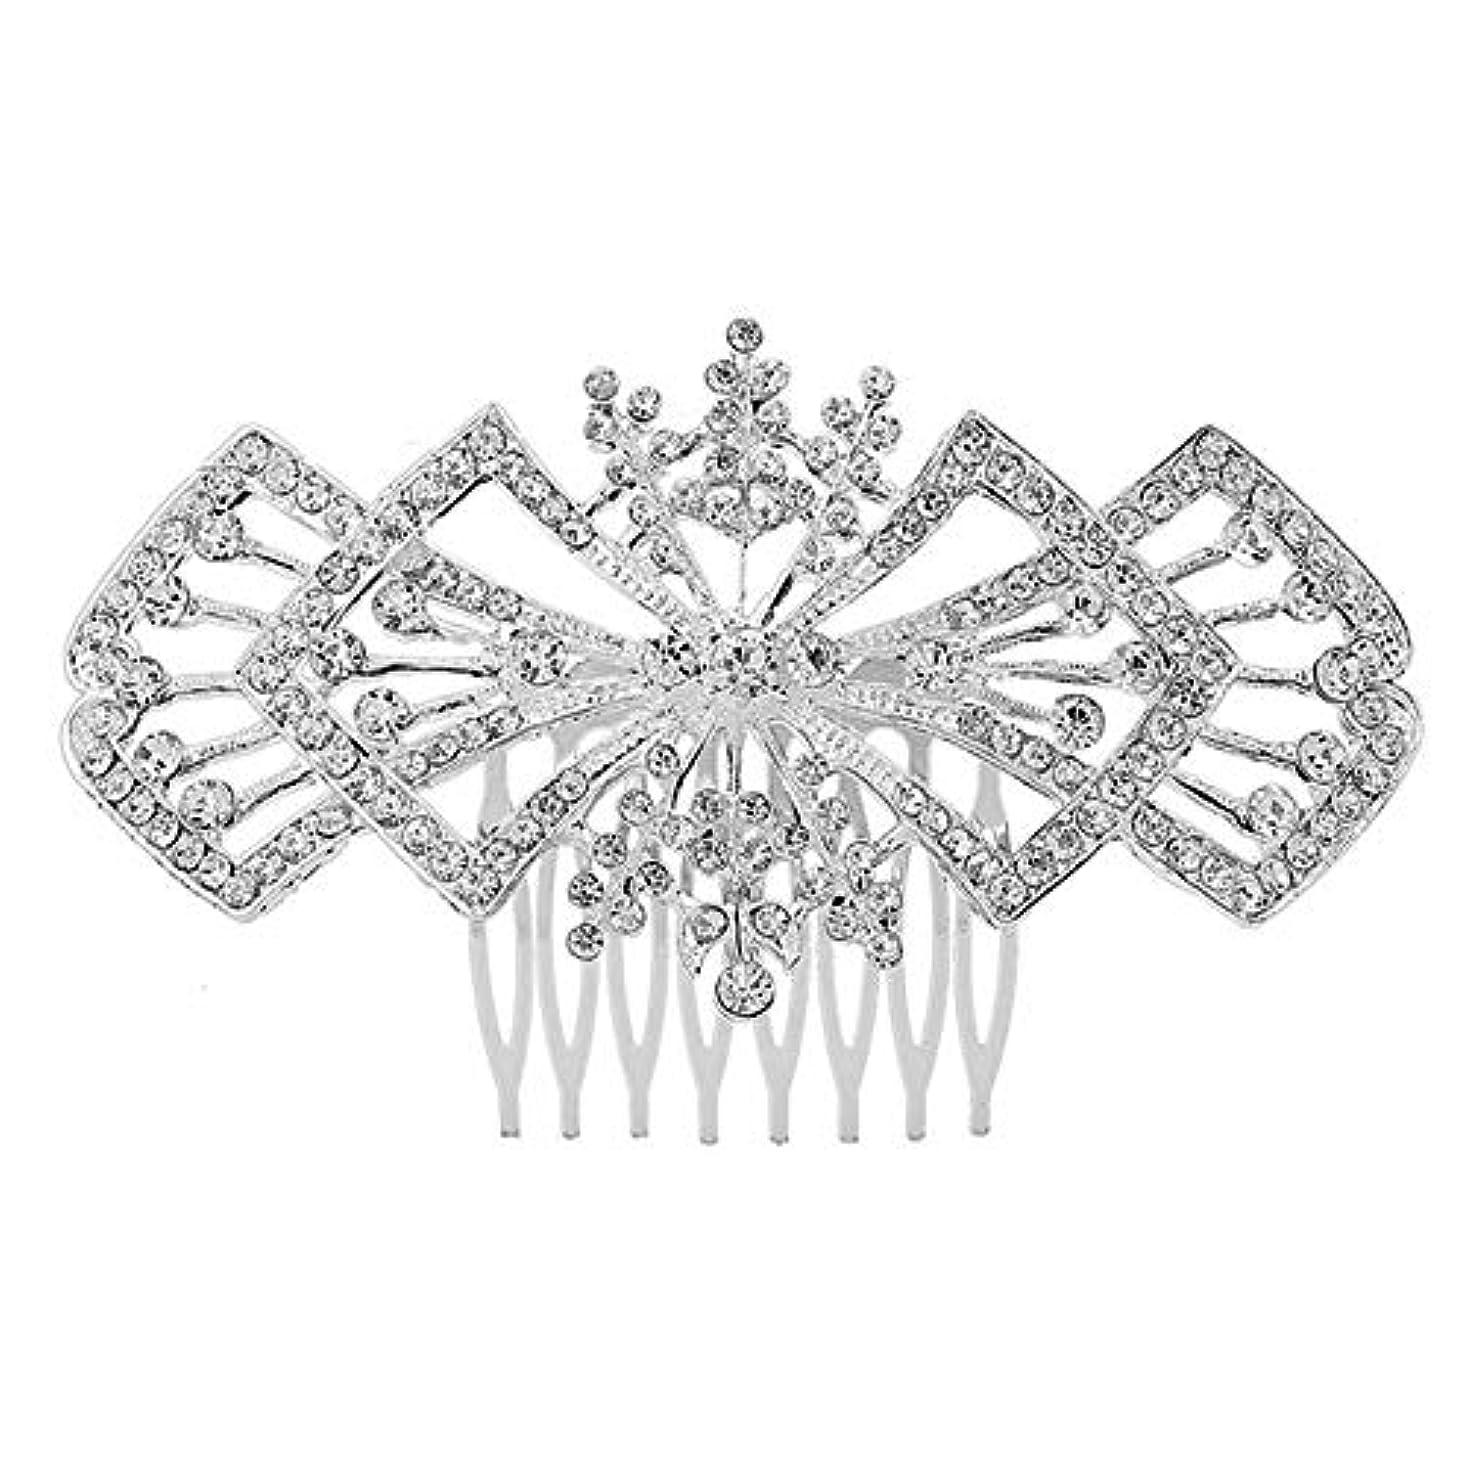 予知テロリスト芝生髪の櫛の櫛の櫛の花嫁の髪の櫛の花の髪の櫛のラインストーンの挿入物の櫛の合金の帽子の結婚式の宝石類